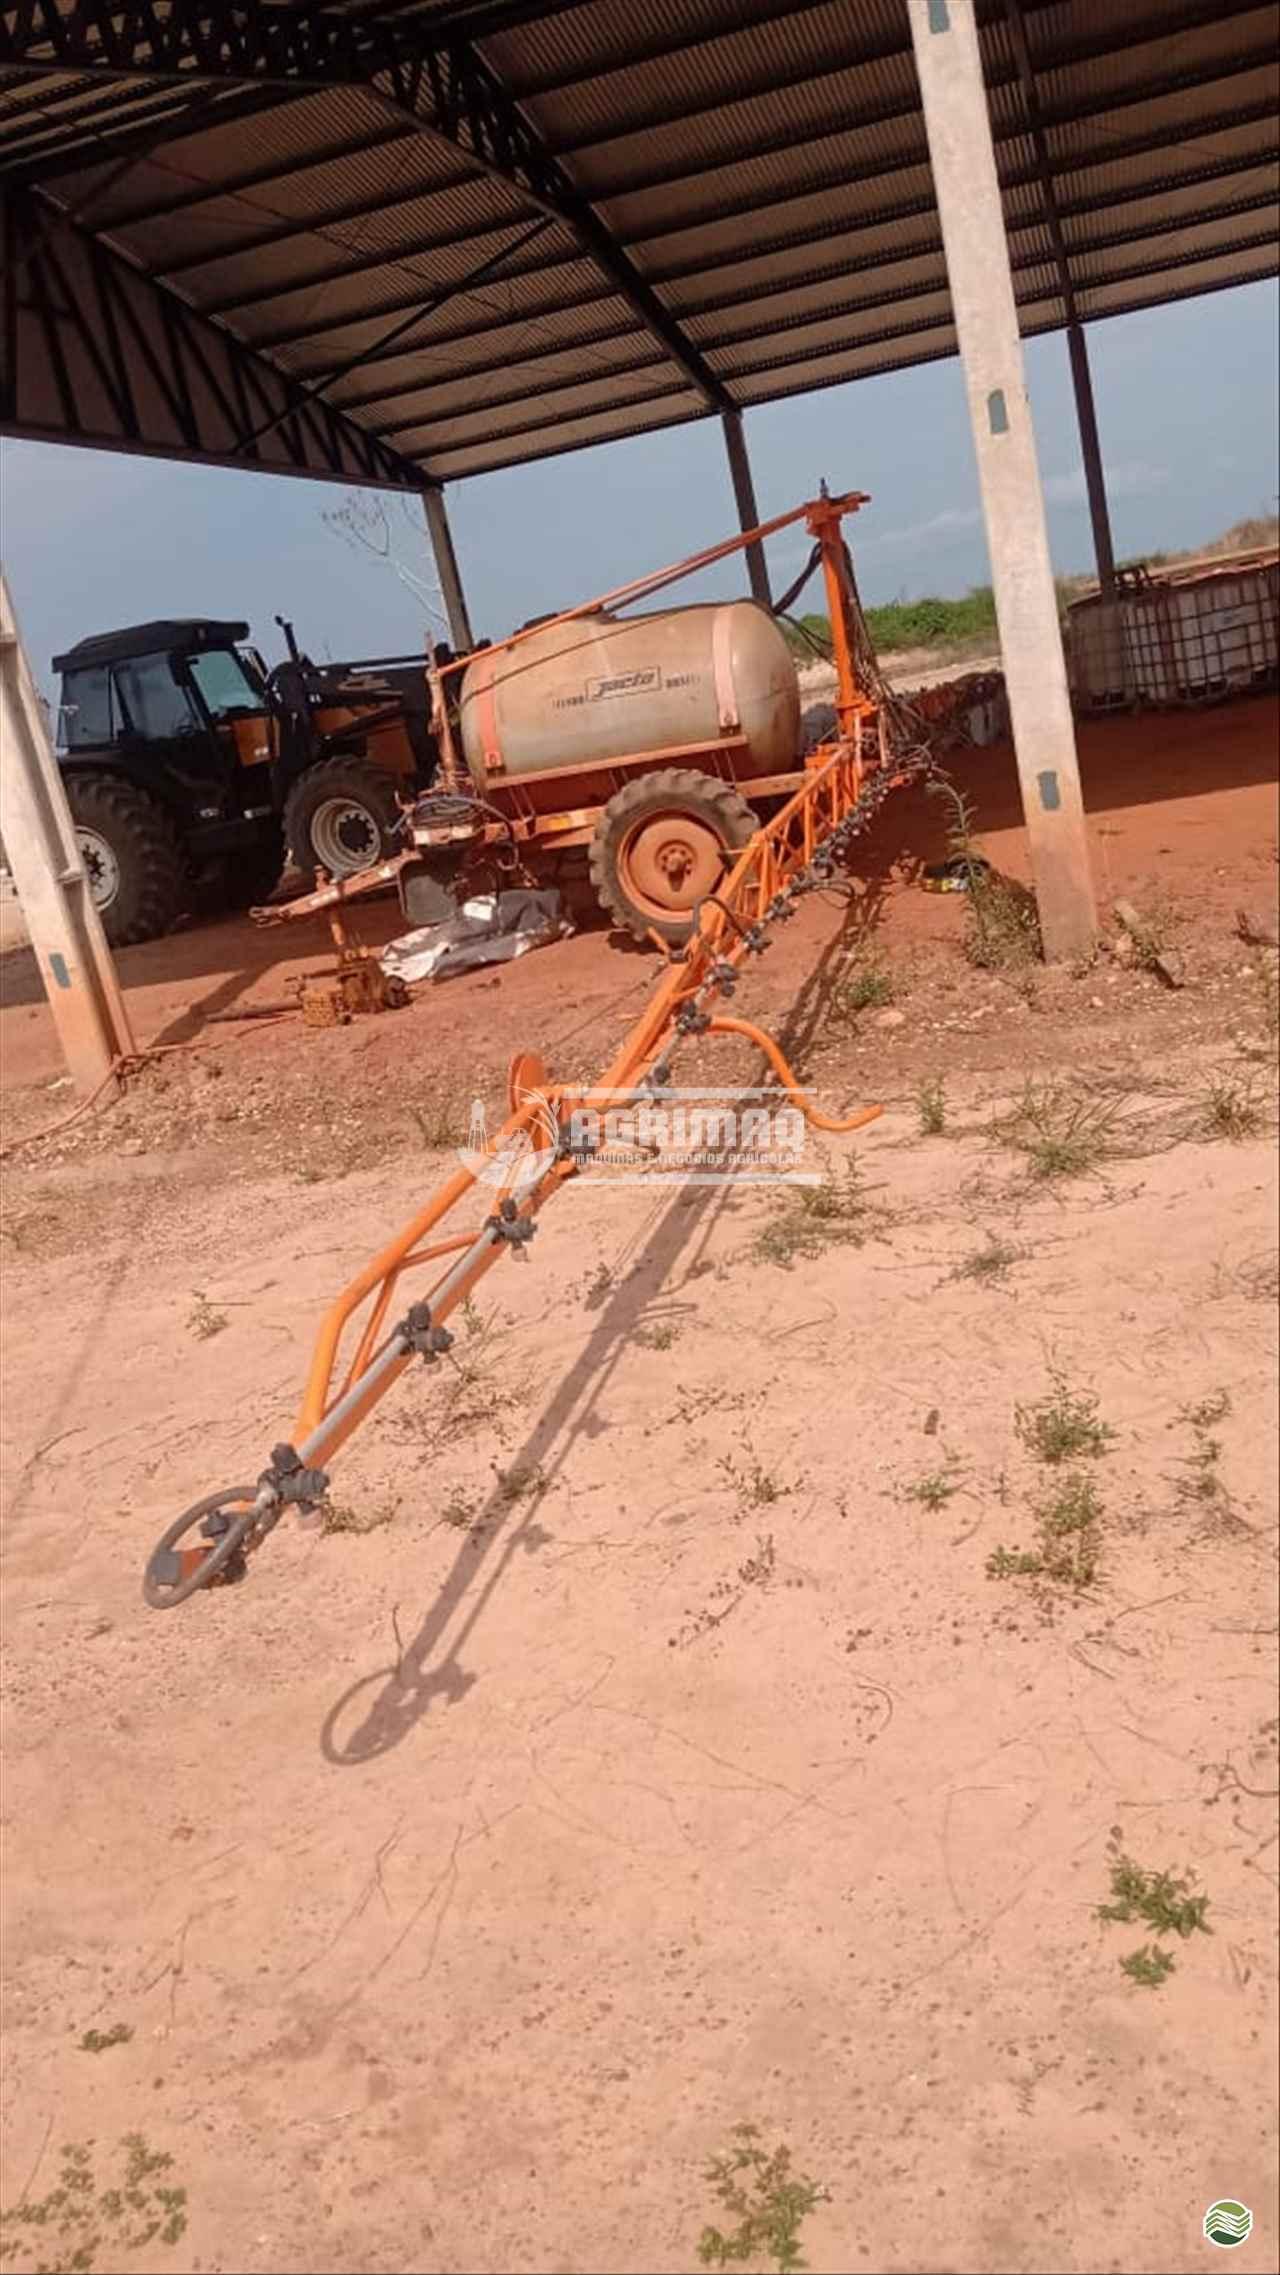 COLUMBIA AD24 de Agrimaq Máquinas e Implementos Agrícolas - LUCAS DO RIO VERDE/MT